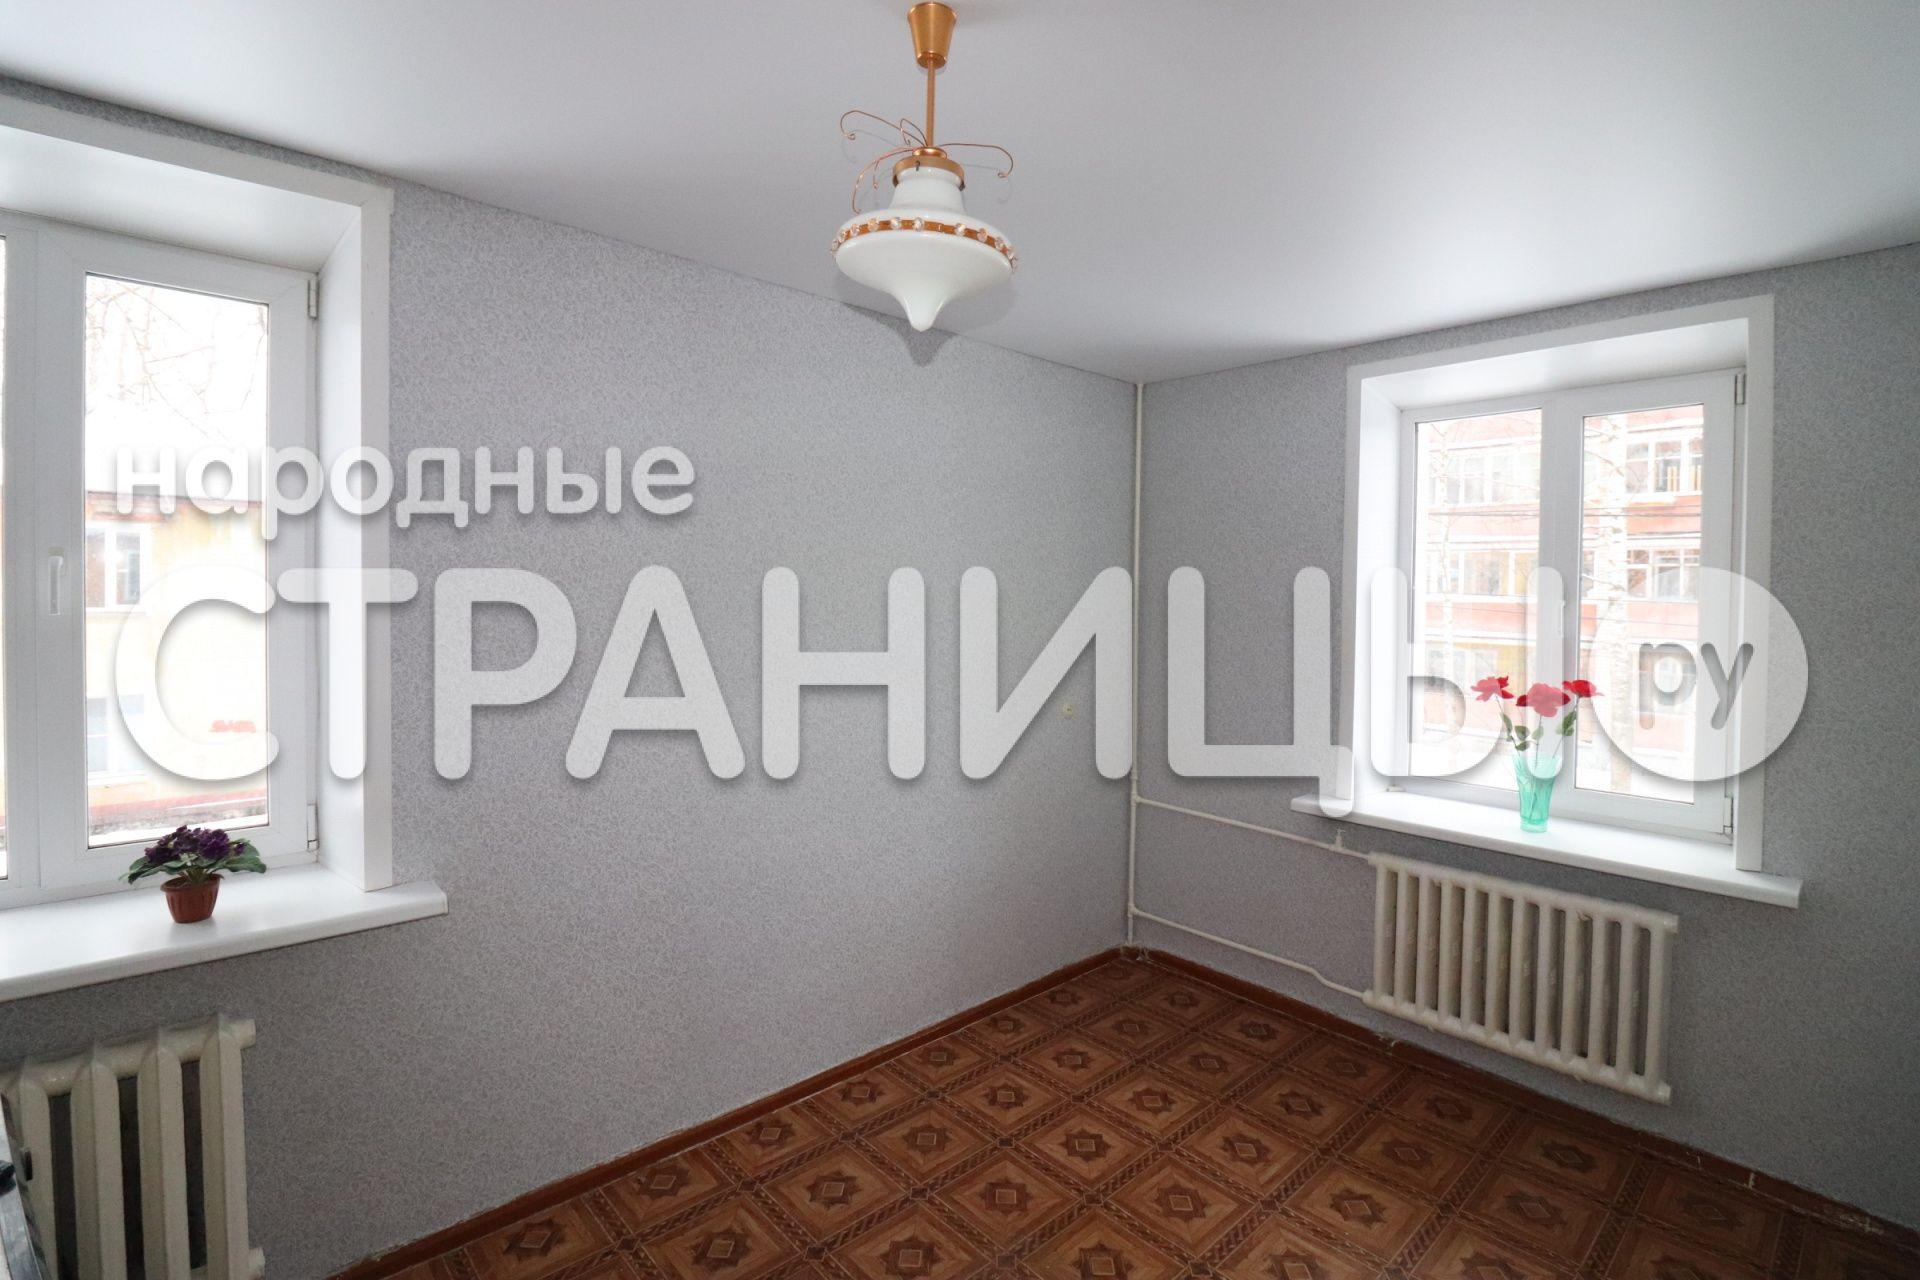 2-комнатная квартира, 38.0 м²,  2/2 эт. Кирпичный дом, Вторичное жилье